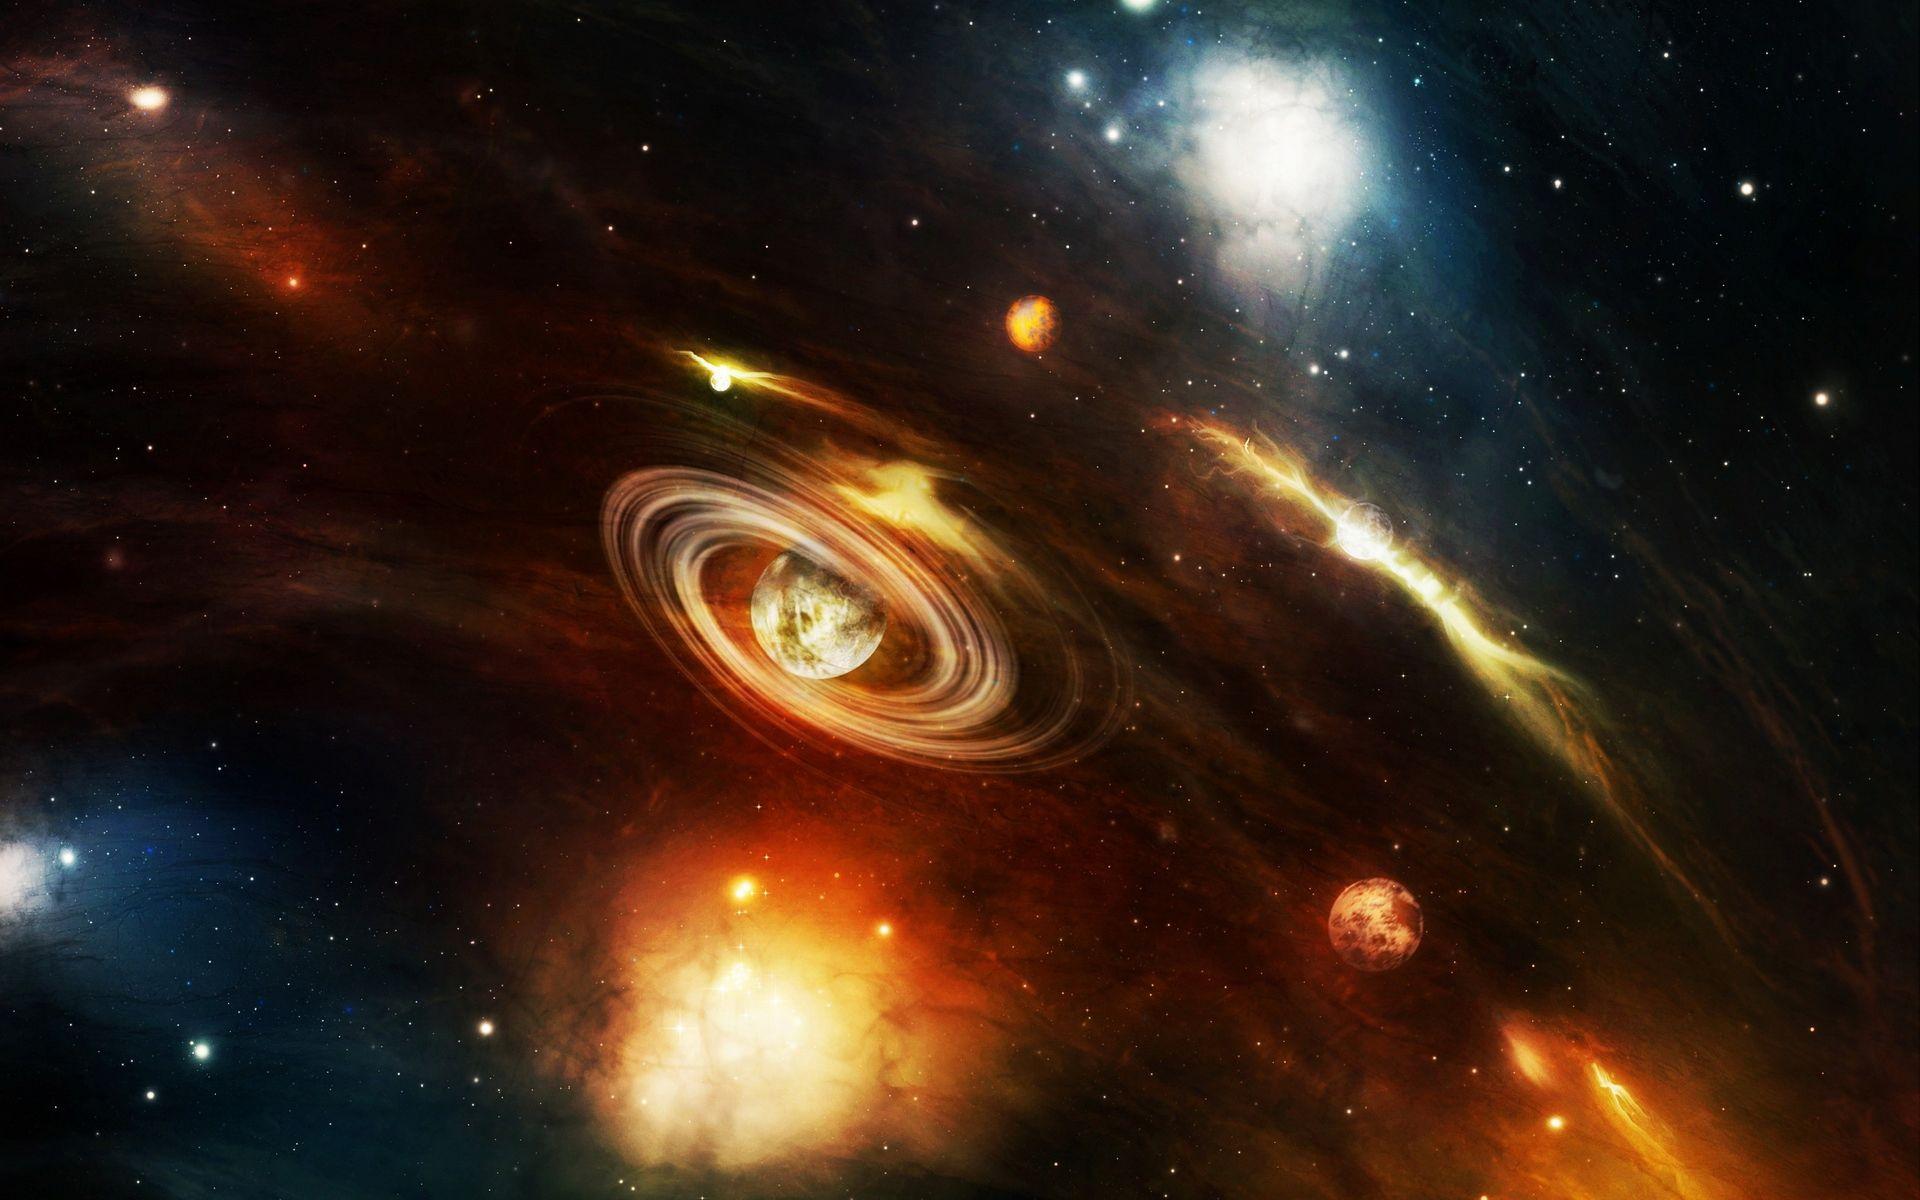 космос фото галактик безропотно поцеловала пучок